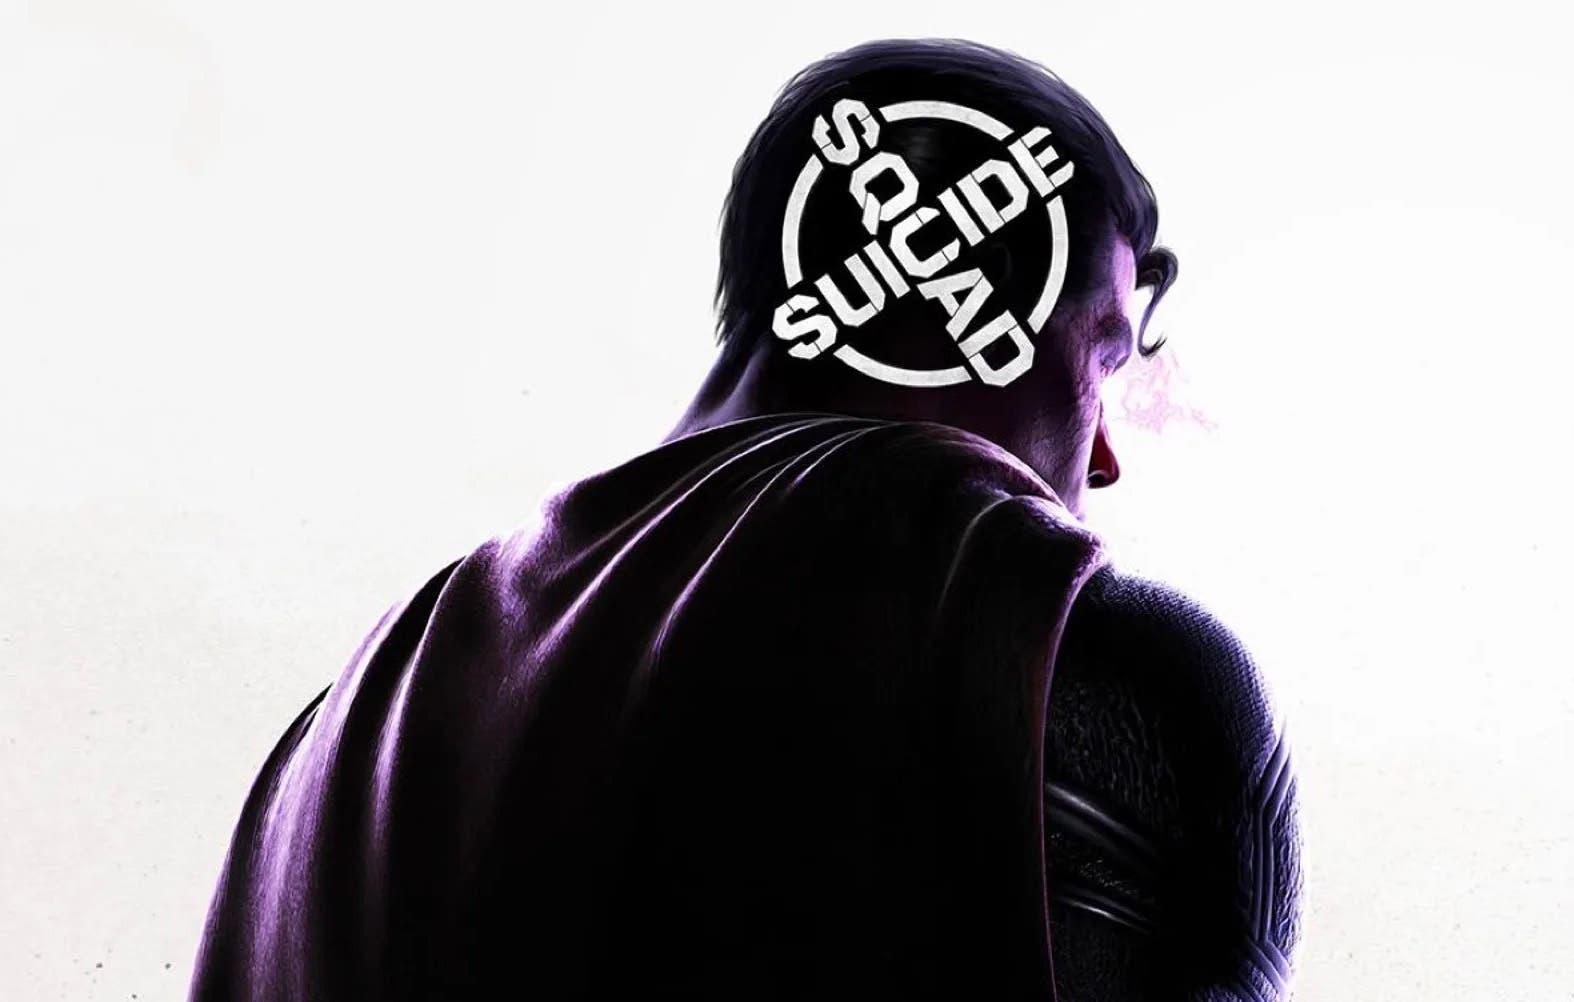 El juego de Suicide Squad se anticipó en una escena de Batman Arkham Origins 5